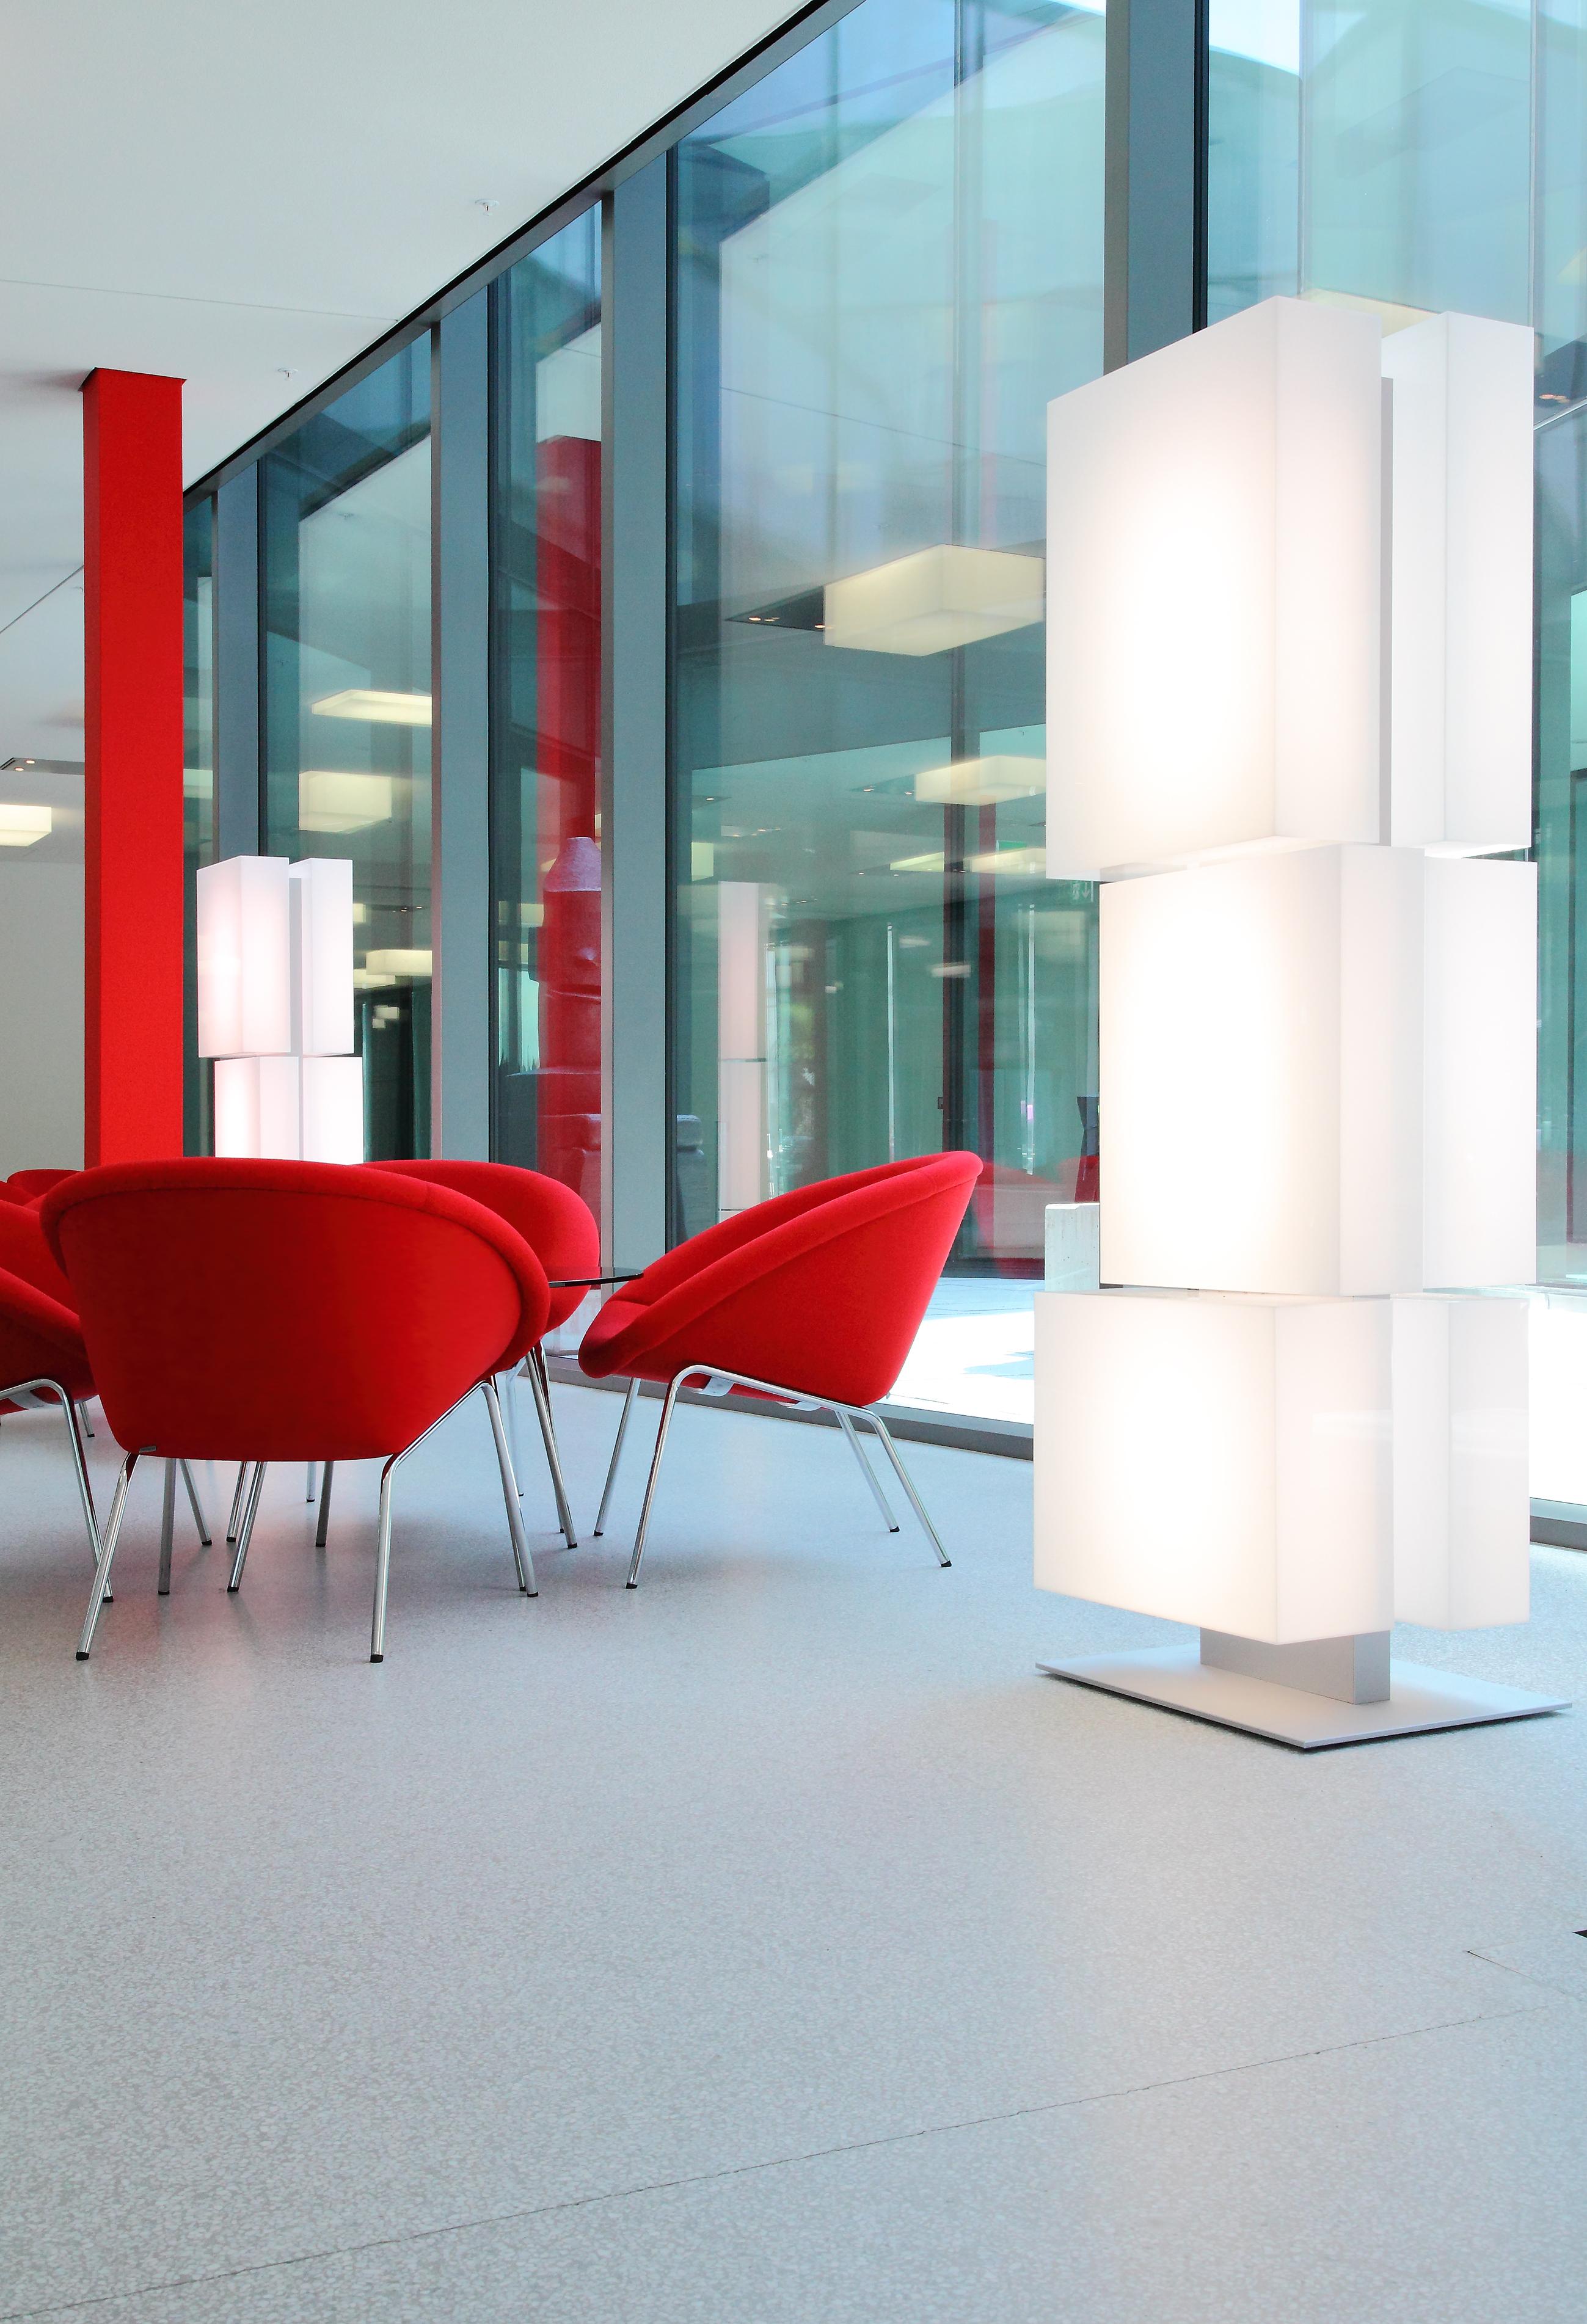 Hochparterre design lichtskulptur in rorschach - Wachter wachter architekten ...